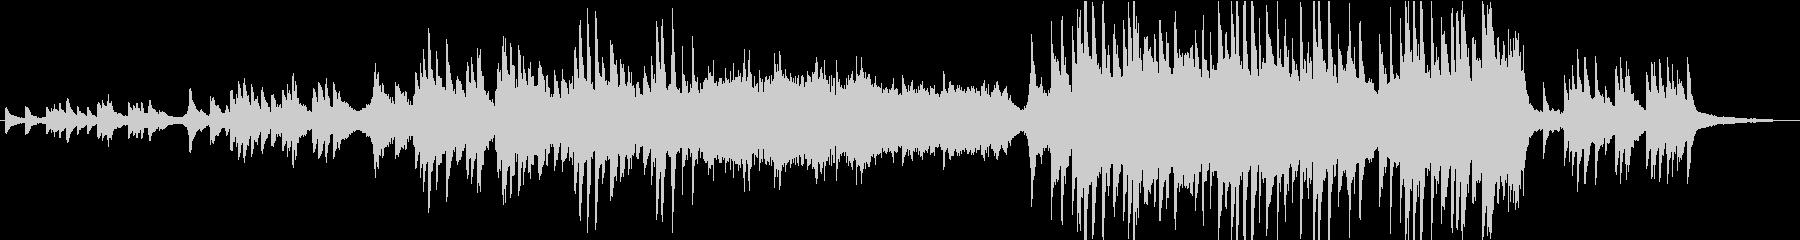 勇気づけられるピアノダブステップ2ピアノの未再生の波形